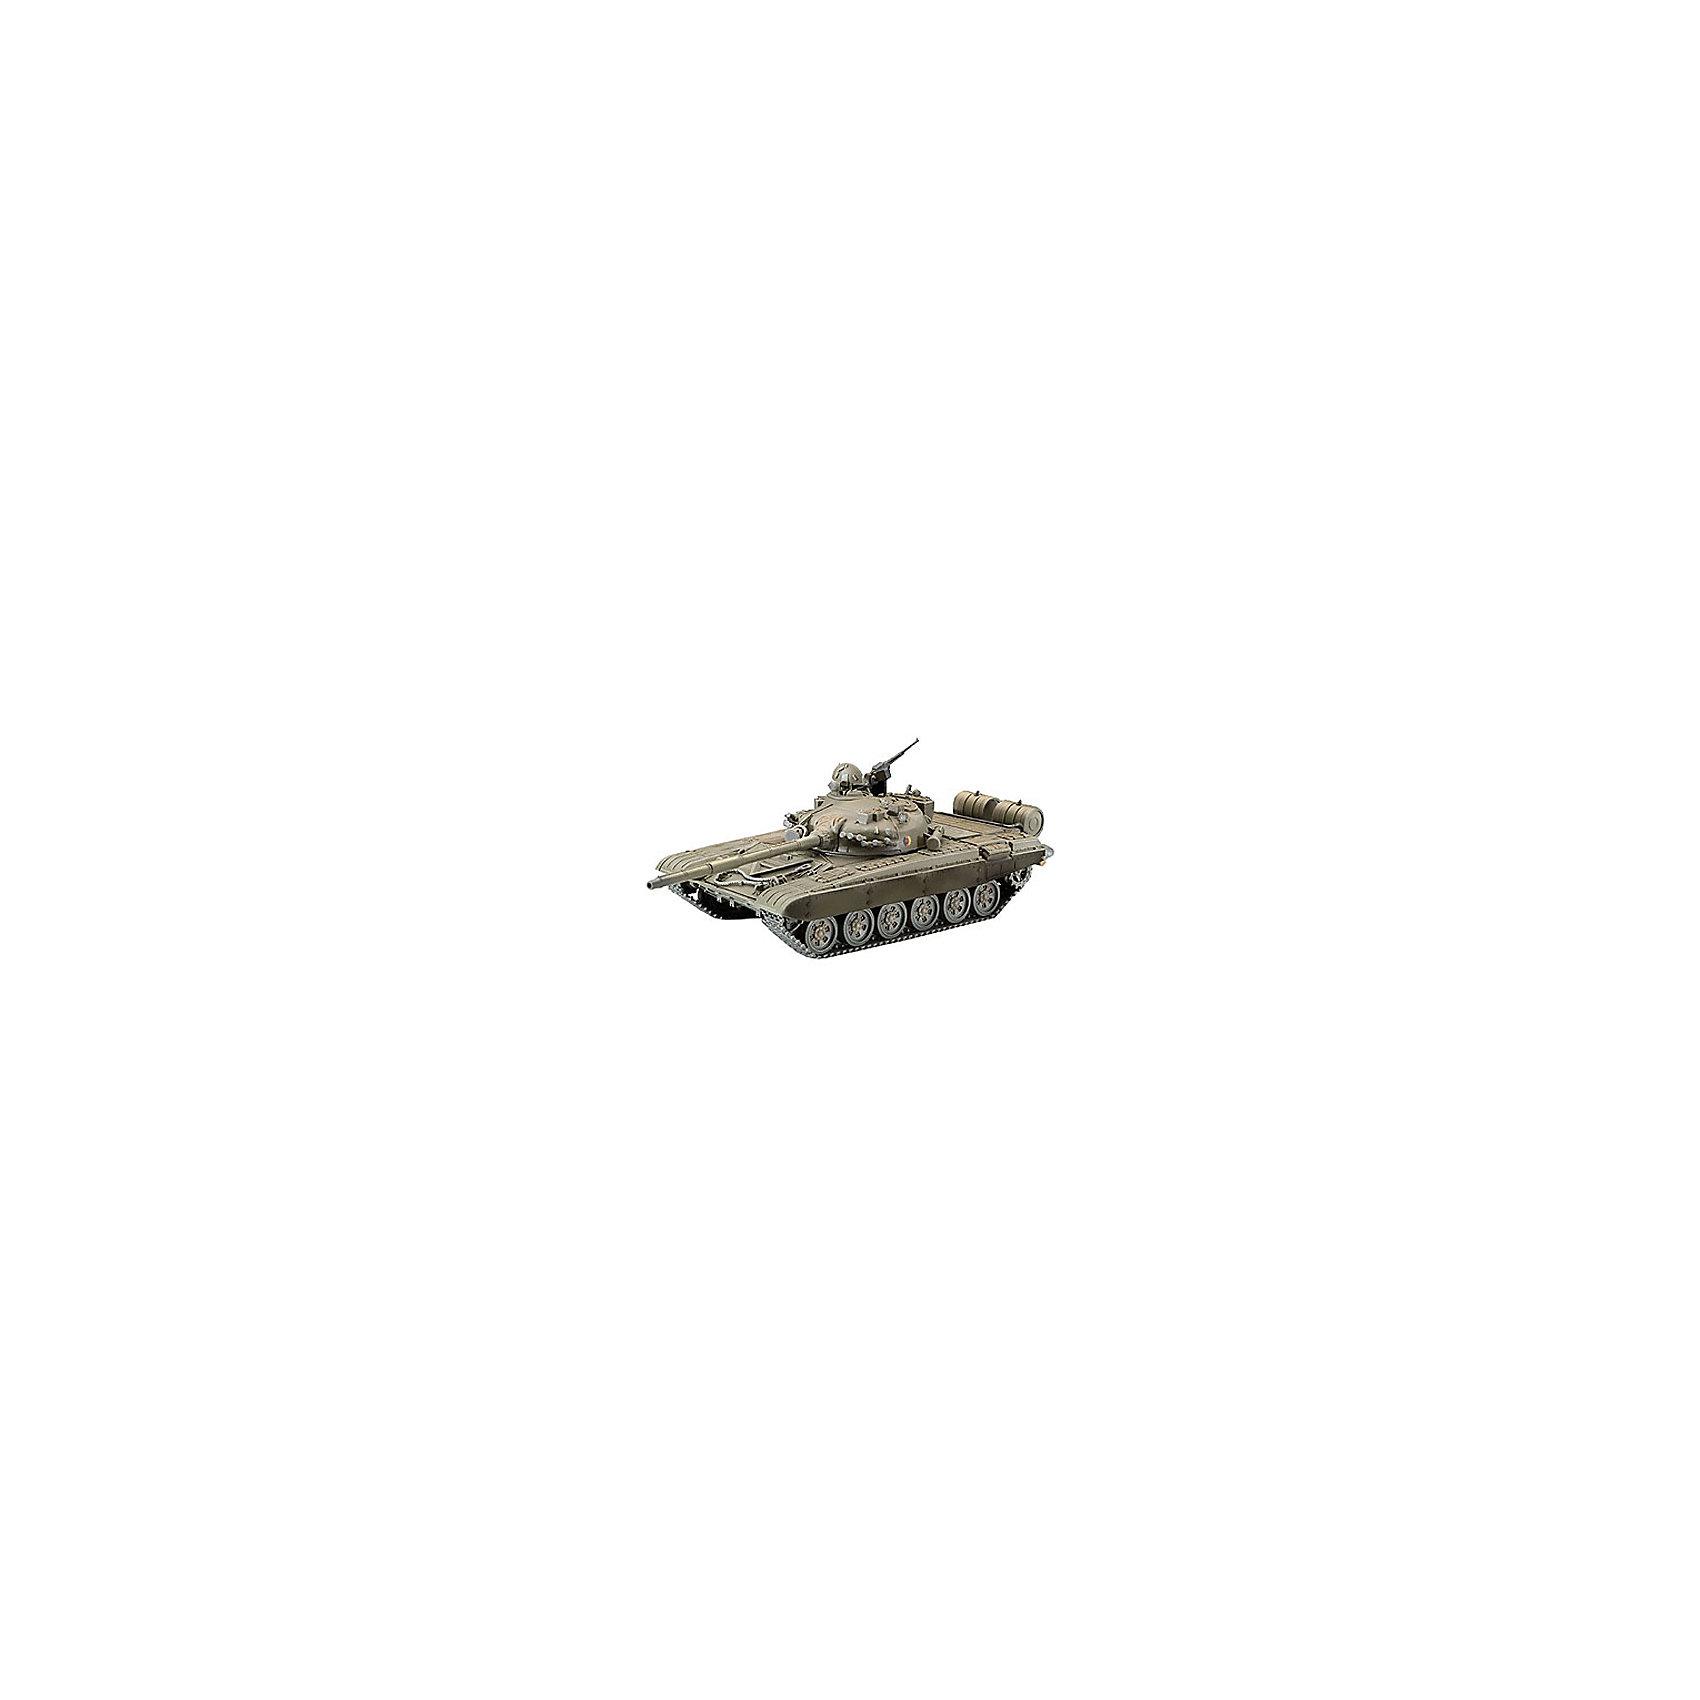 """Советский танк T-72M (1/72)Модели для склеивания<br>Сборная модель советского танка Т-72. Самый массовый танк второго поколения. Всего было выпущено около 30 тысяч экземпляров. Состоит на вооружении стран СНГ, Индии, Финляндии, Ирака, Ирана и Сирии.  <br>Вооружение стандартной версии танка состоит из 125-мм гладкоствольной пушки Д-81ТМ, спаренного с ней пулемета ПКТ и зенитного пулемёта """"Утес"""". <br>Впервые танки Т-72 приняли участие в боевых действиях во время конфликта в Ливане в 1988 году. Активно они использовались и на постсоветском пространстве, в том числе во время операций в Северном Кавказе. Во время войны в Южной Осетии в 2008 Т-72 использовались как с русской, так и с грузинской сторон.В боях было уничтожено 2 российских и не менее 10 грузинских танков Т-72.  <br>Масштаб: 1:72 <br>Количество деталей: 161 <br>Длина модели: 140 мм <br>Модель предназначена для детей старше 10-и лет <br>Клей и краски в комплект не входят.<br><br>Ширина мм: 9999<br>Глубина мм: 9999<br>Высота мм: 9999<br>Вес г: 9999<br>Возраст от месяцев: 168<br>Возраст до месяцев: 2147483647<br>Пол: Унисекс<br>Возраст: Детский<br>SKU: 1772776"""